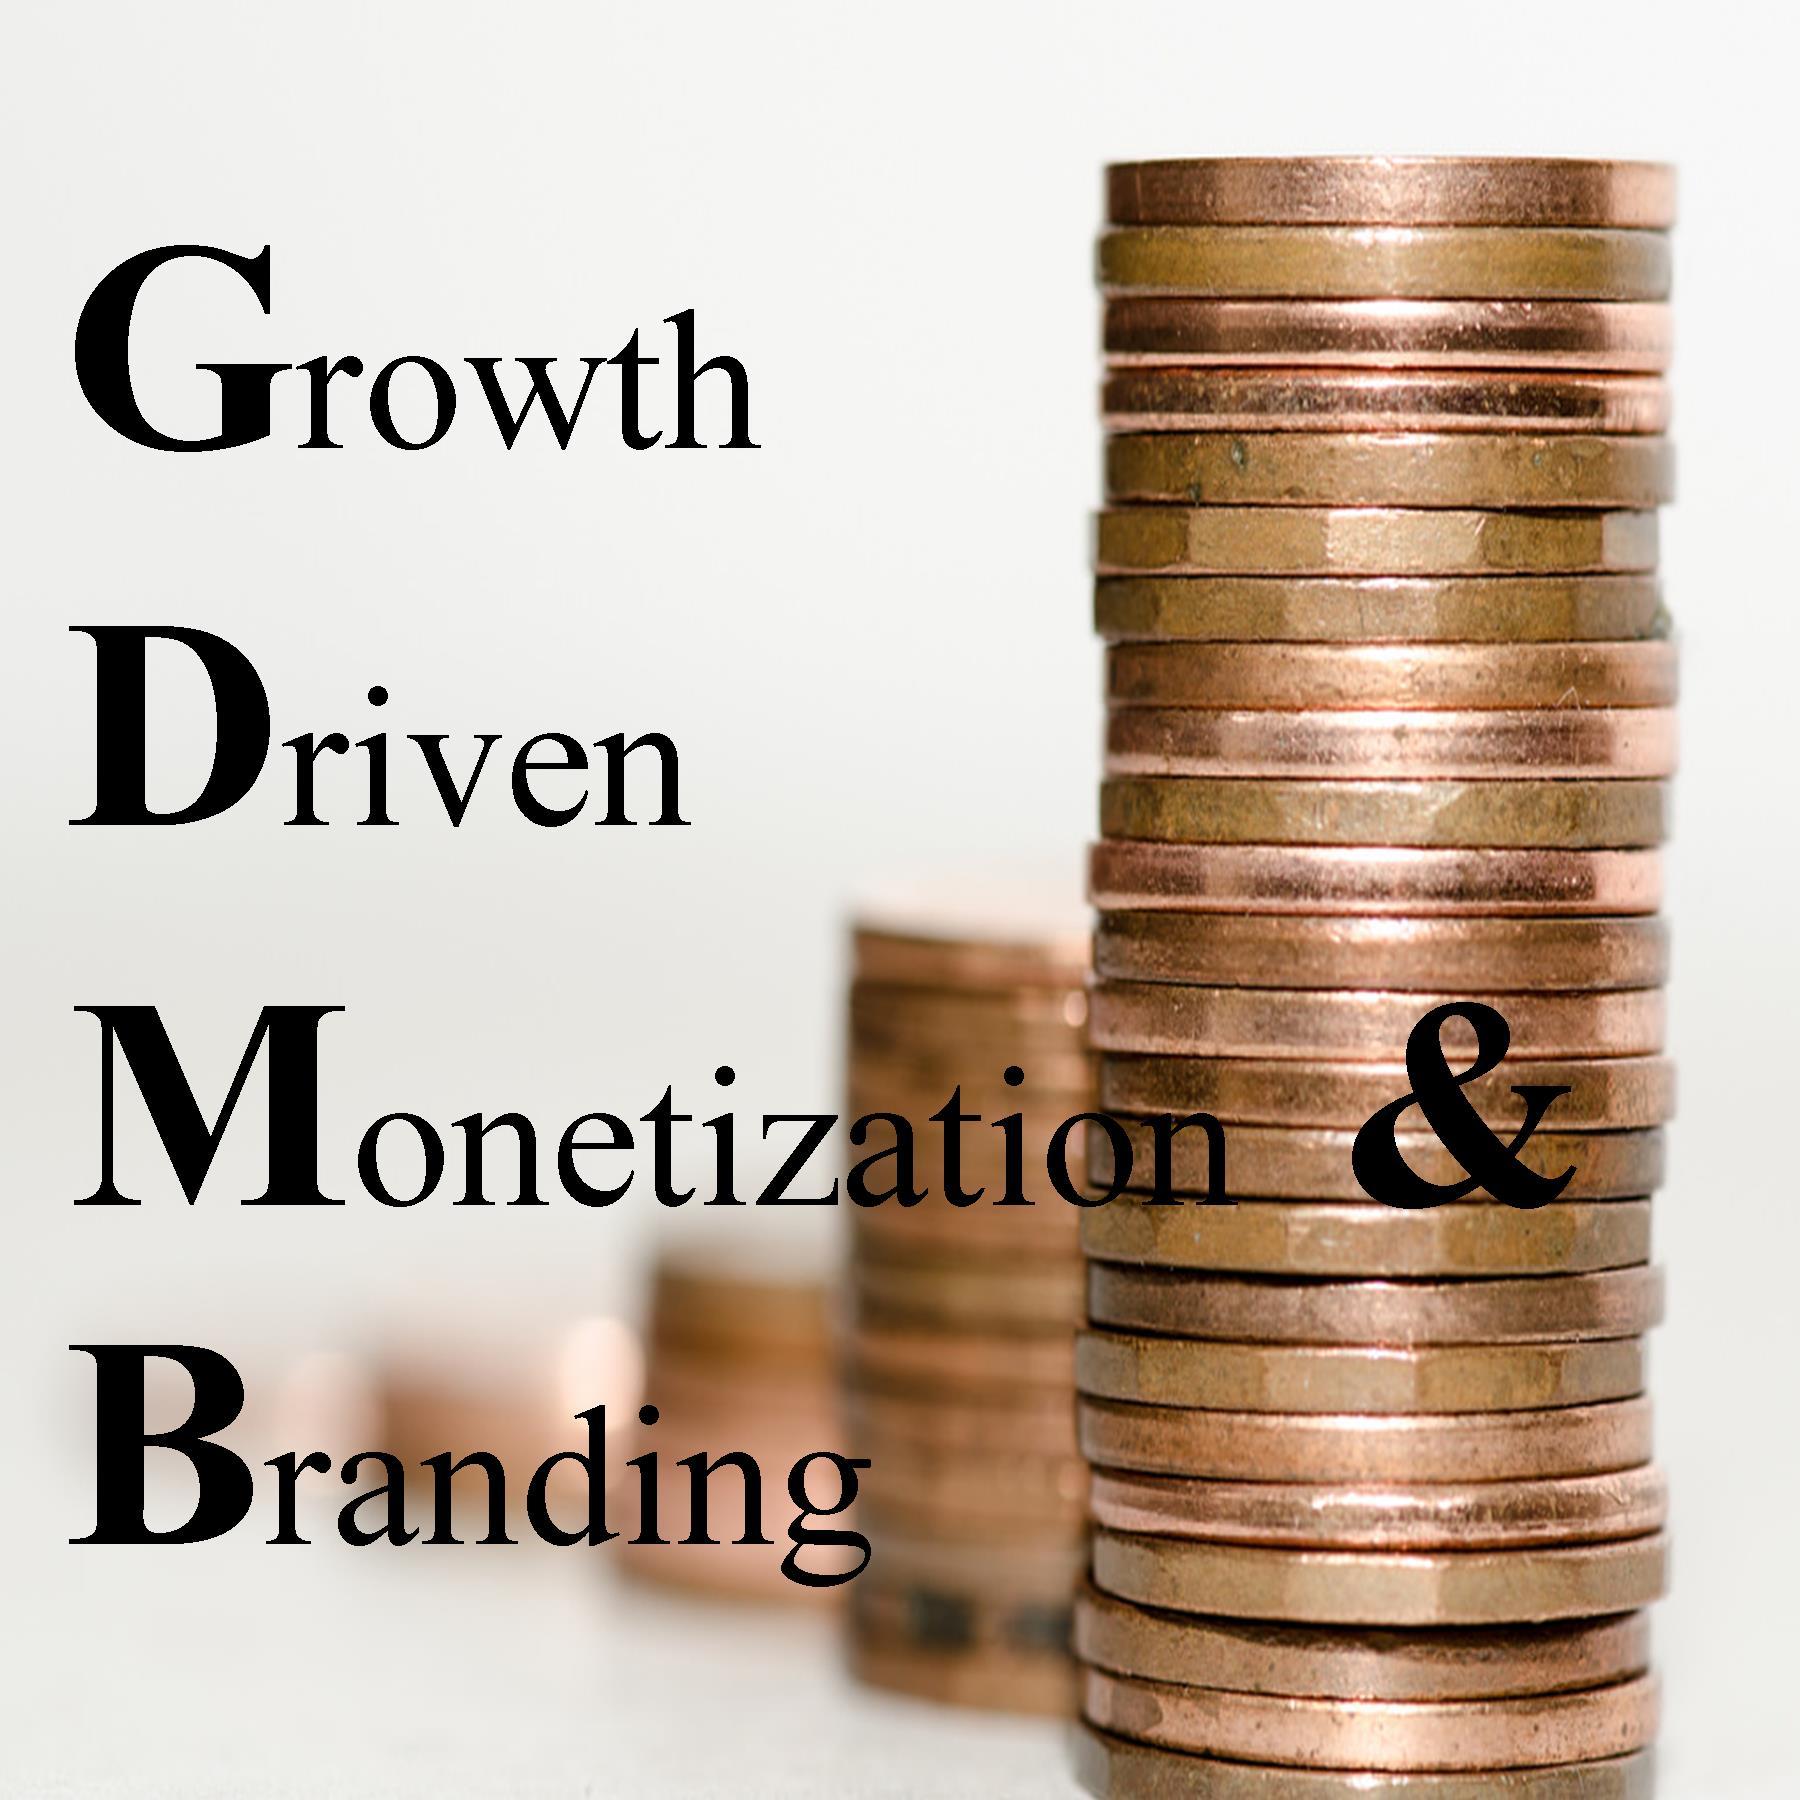 Growth Driven Monetization & Branding